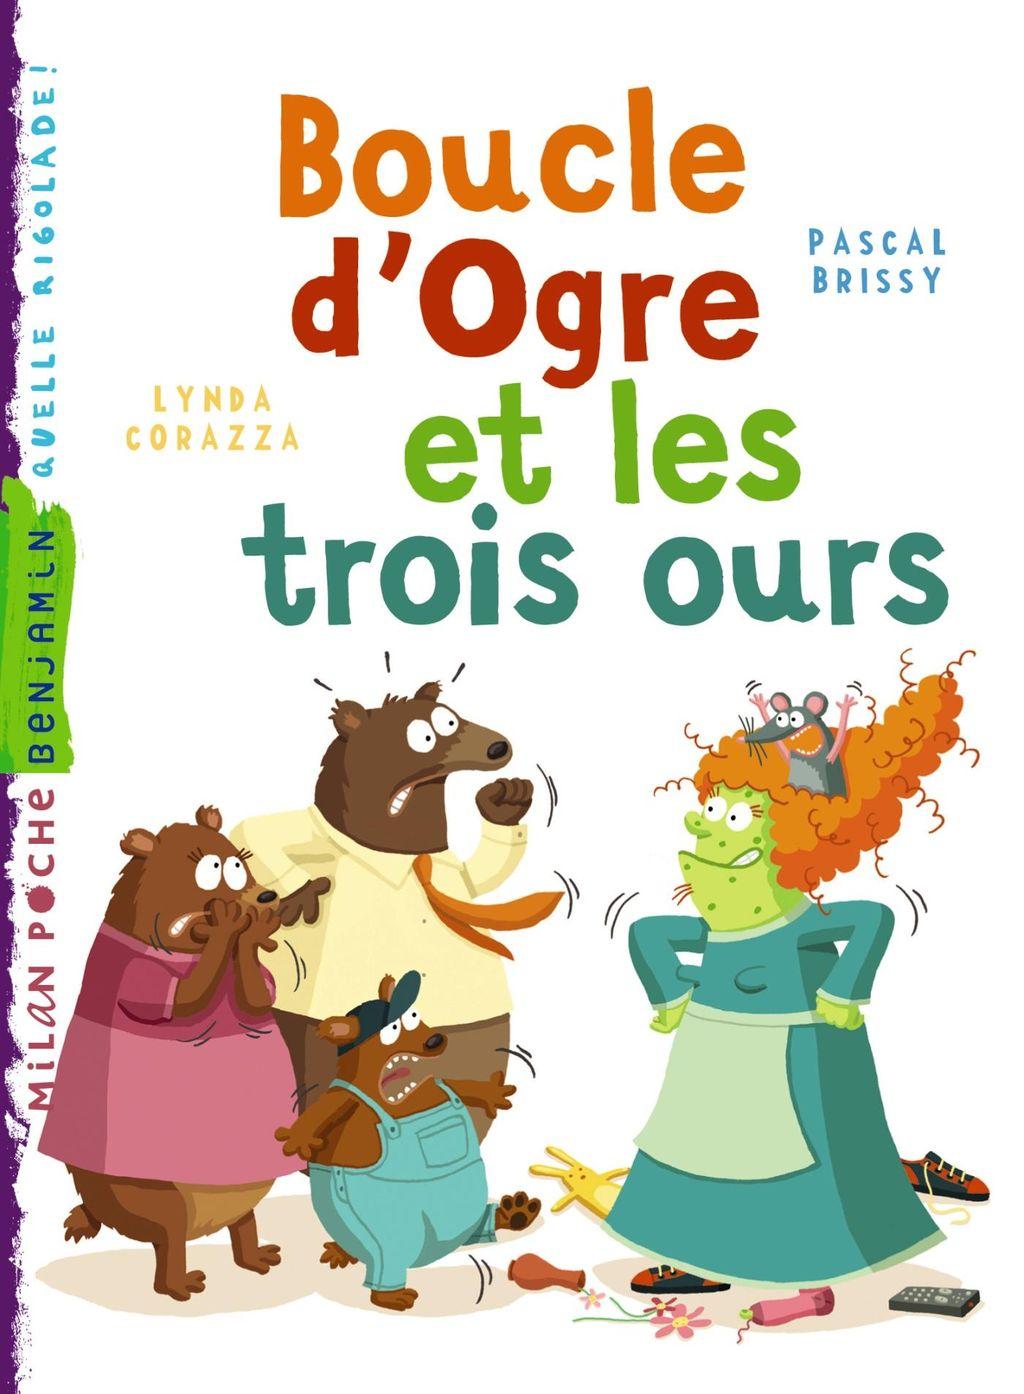 «Boucle d'ogre et les trois ours» cover